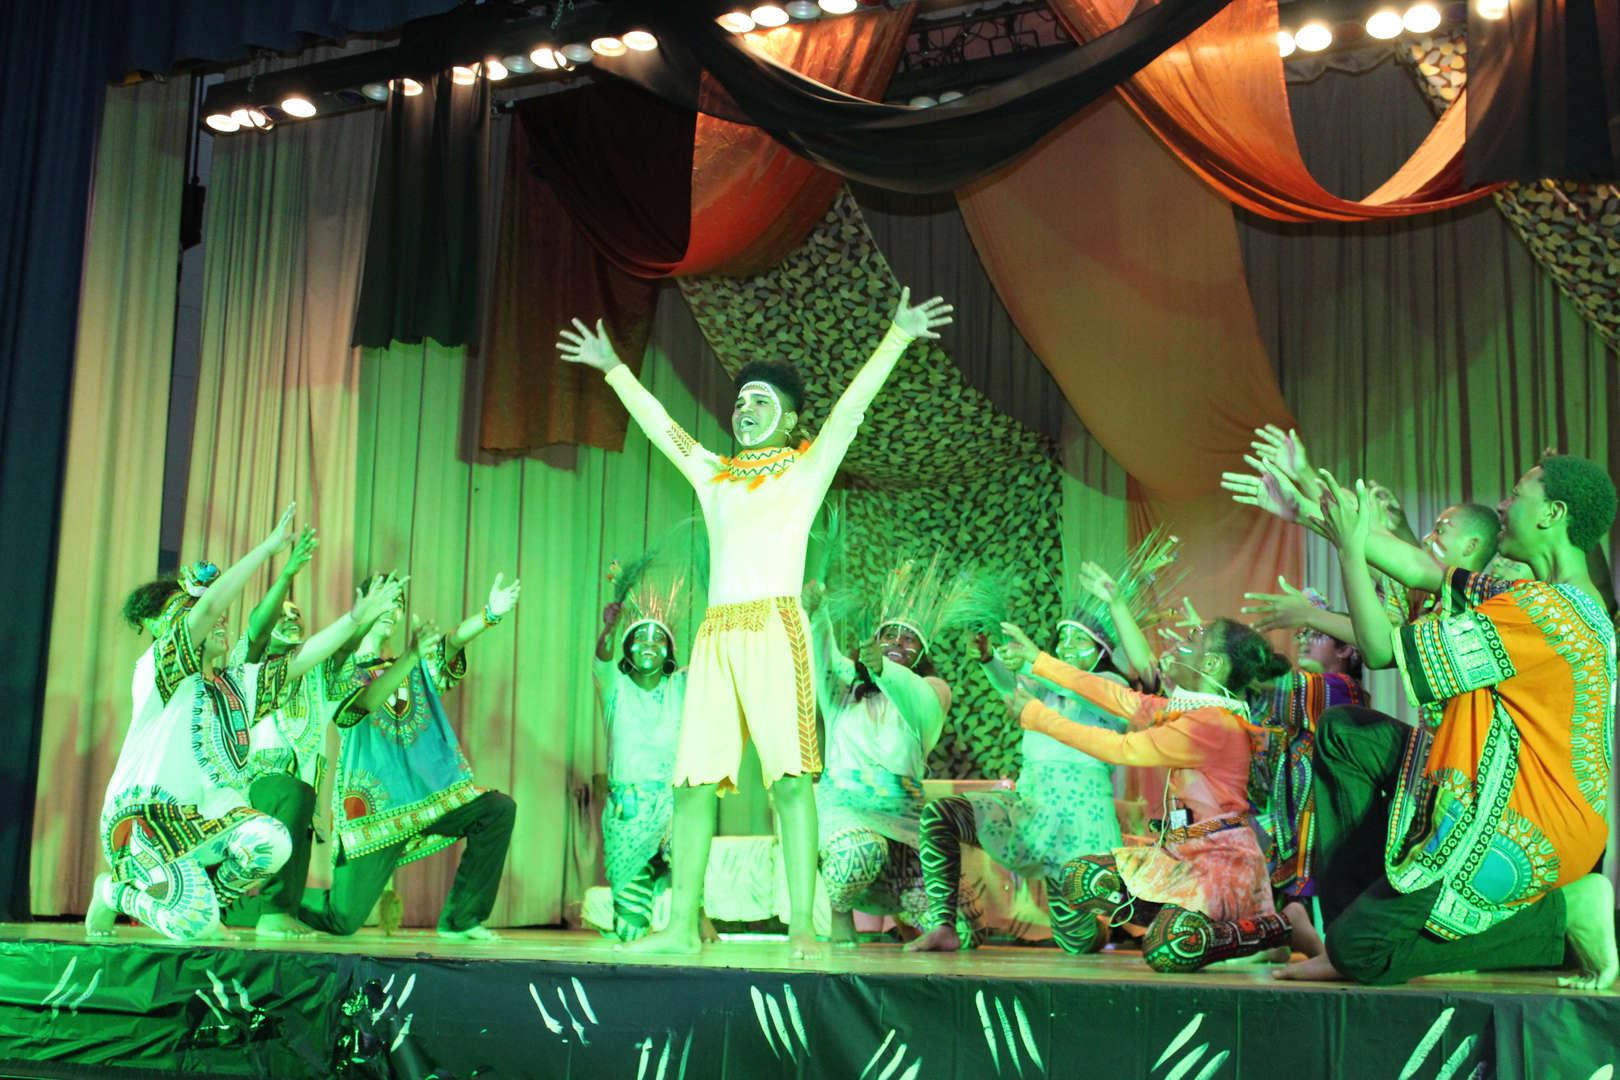 Green overlay on dance scene